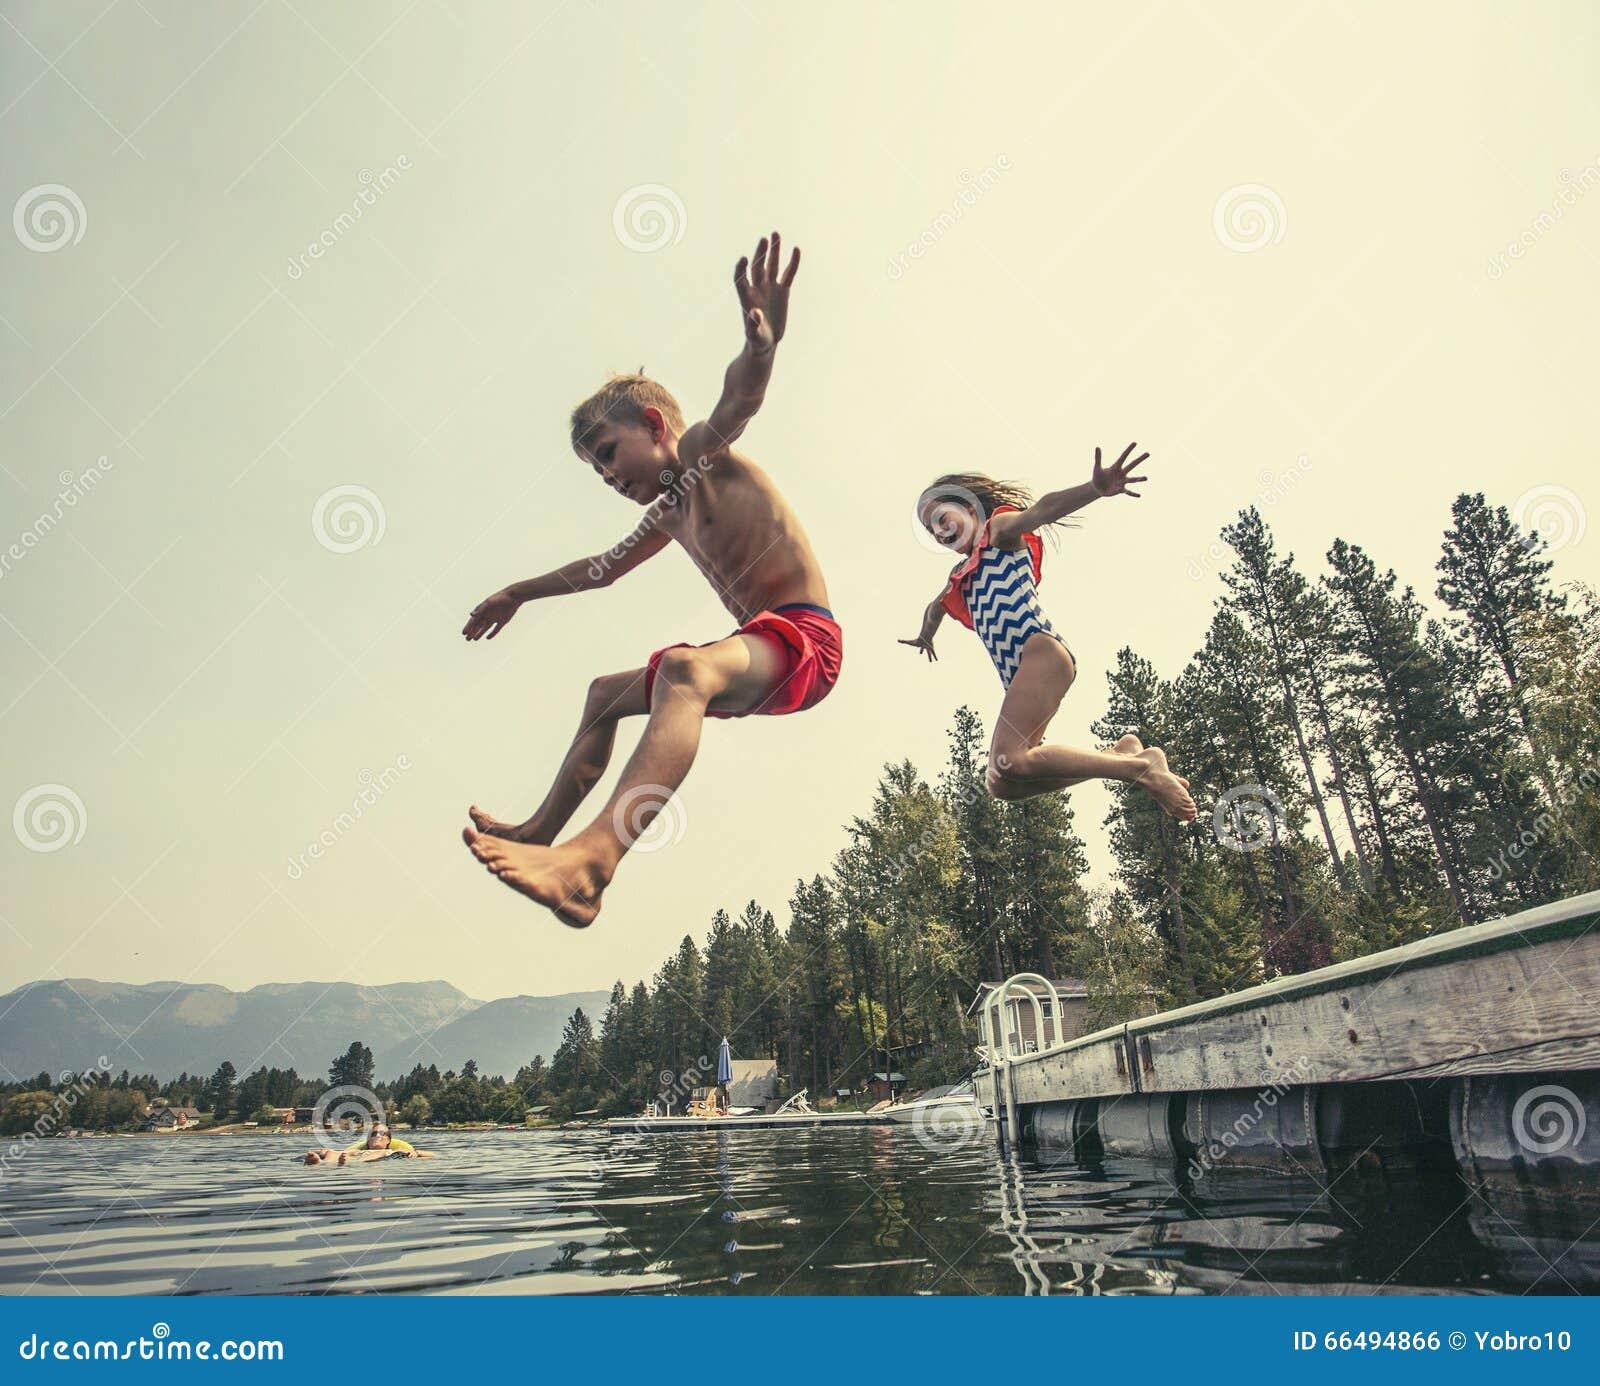 Die Kinder springend weg vom Dock in einen schönen Gebirgssee